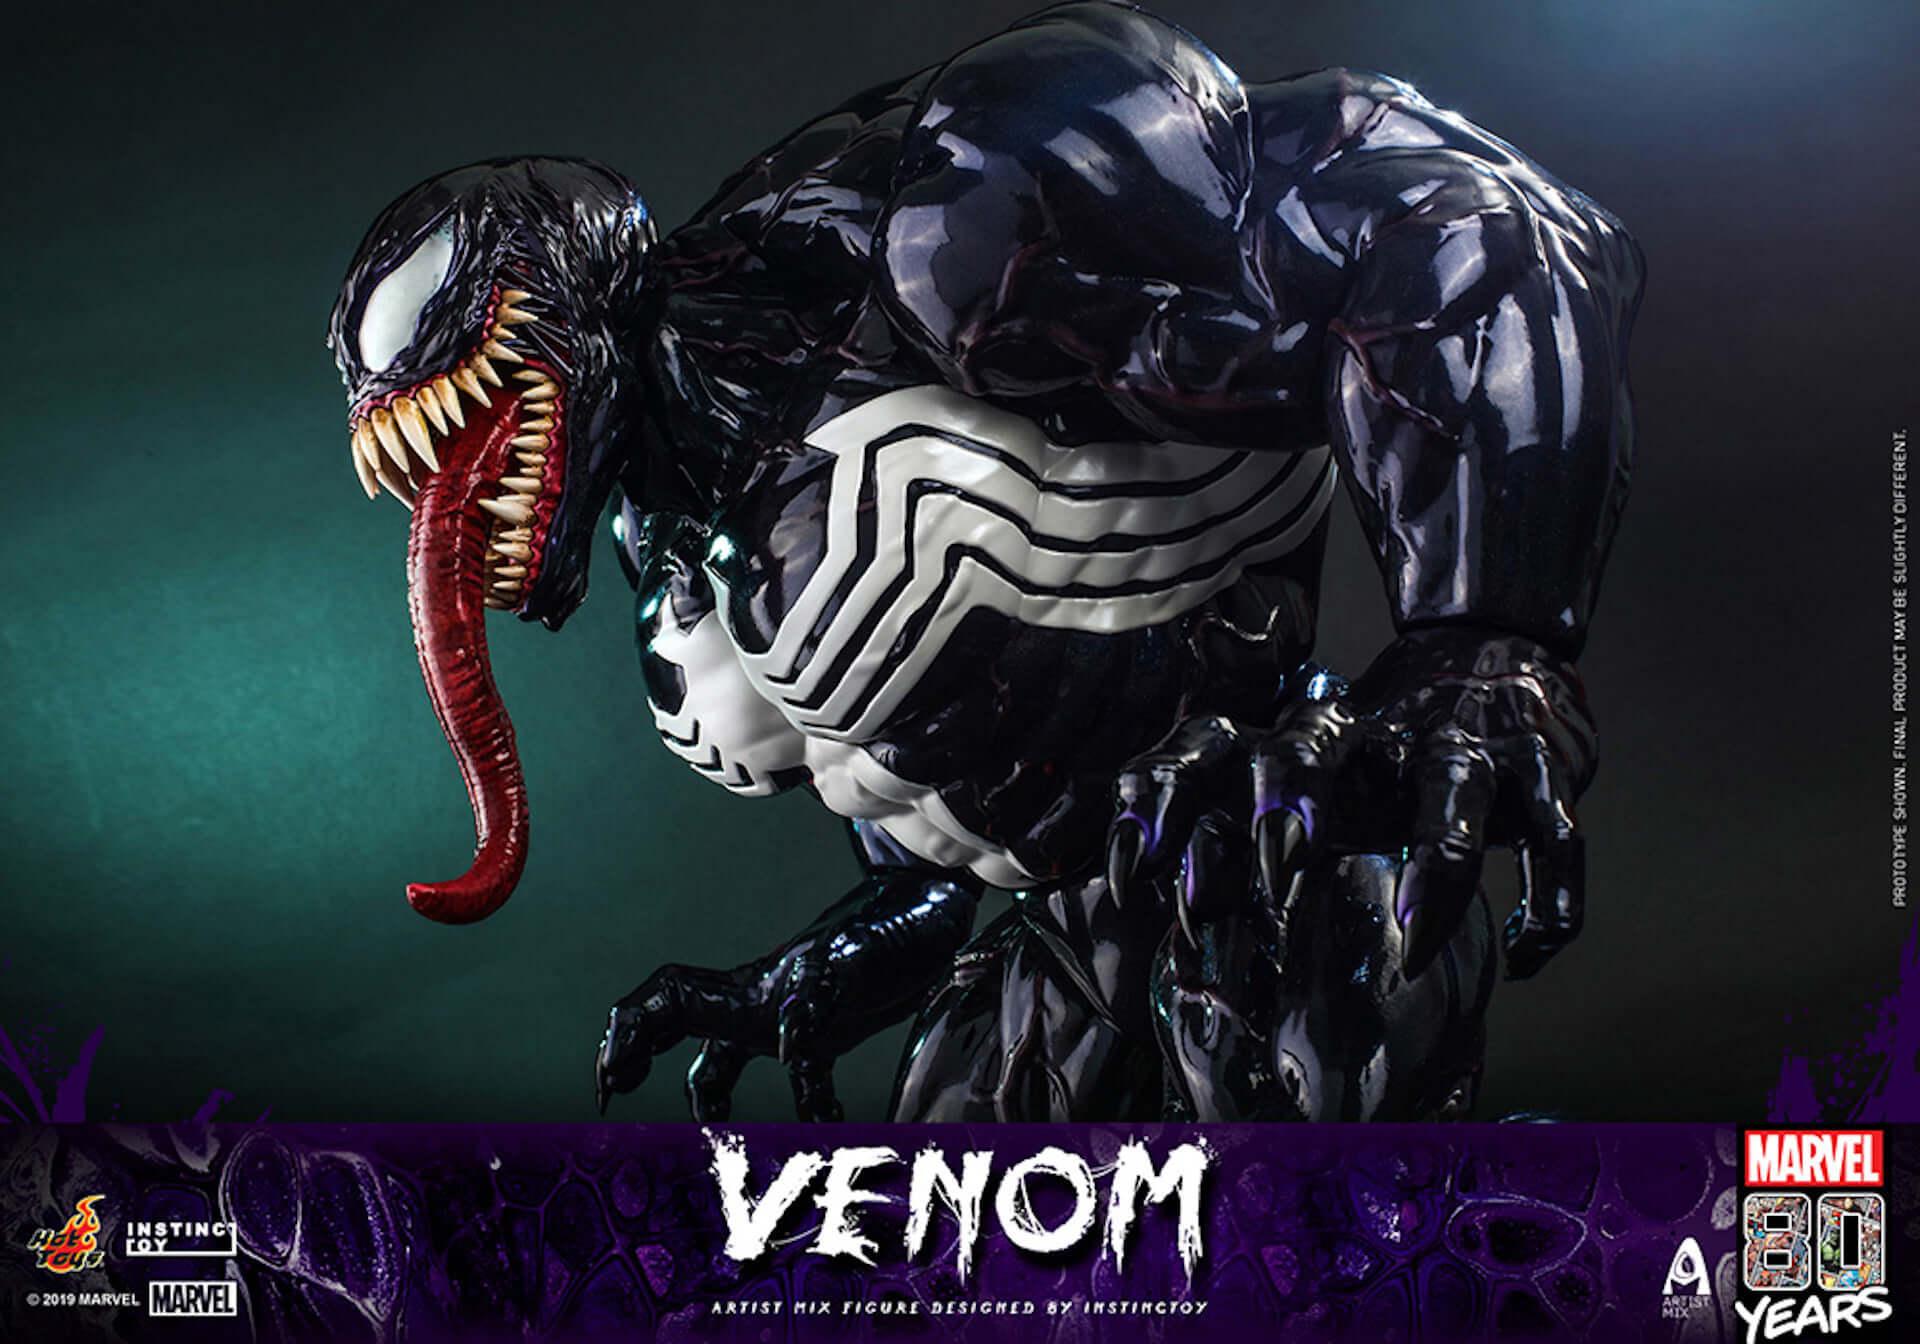 キモカッコいいマーベル・コミックのキャラクター「ヴェノム」の超リアルなフィギュアが登場! art190909_venom_hottoys_6-1920x1344